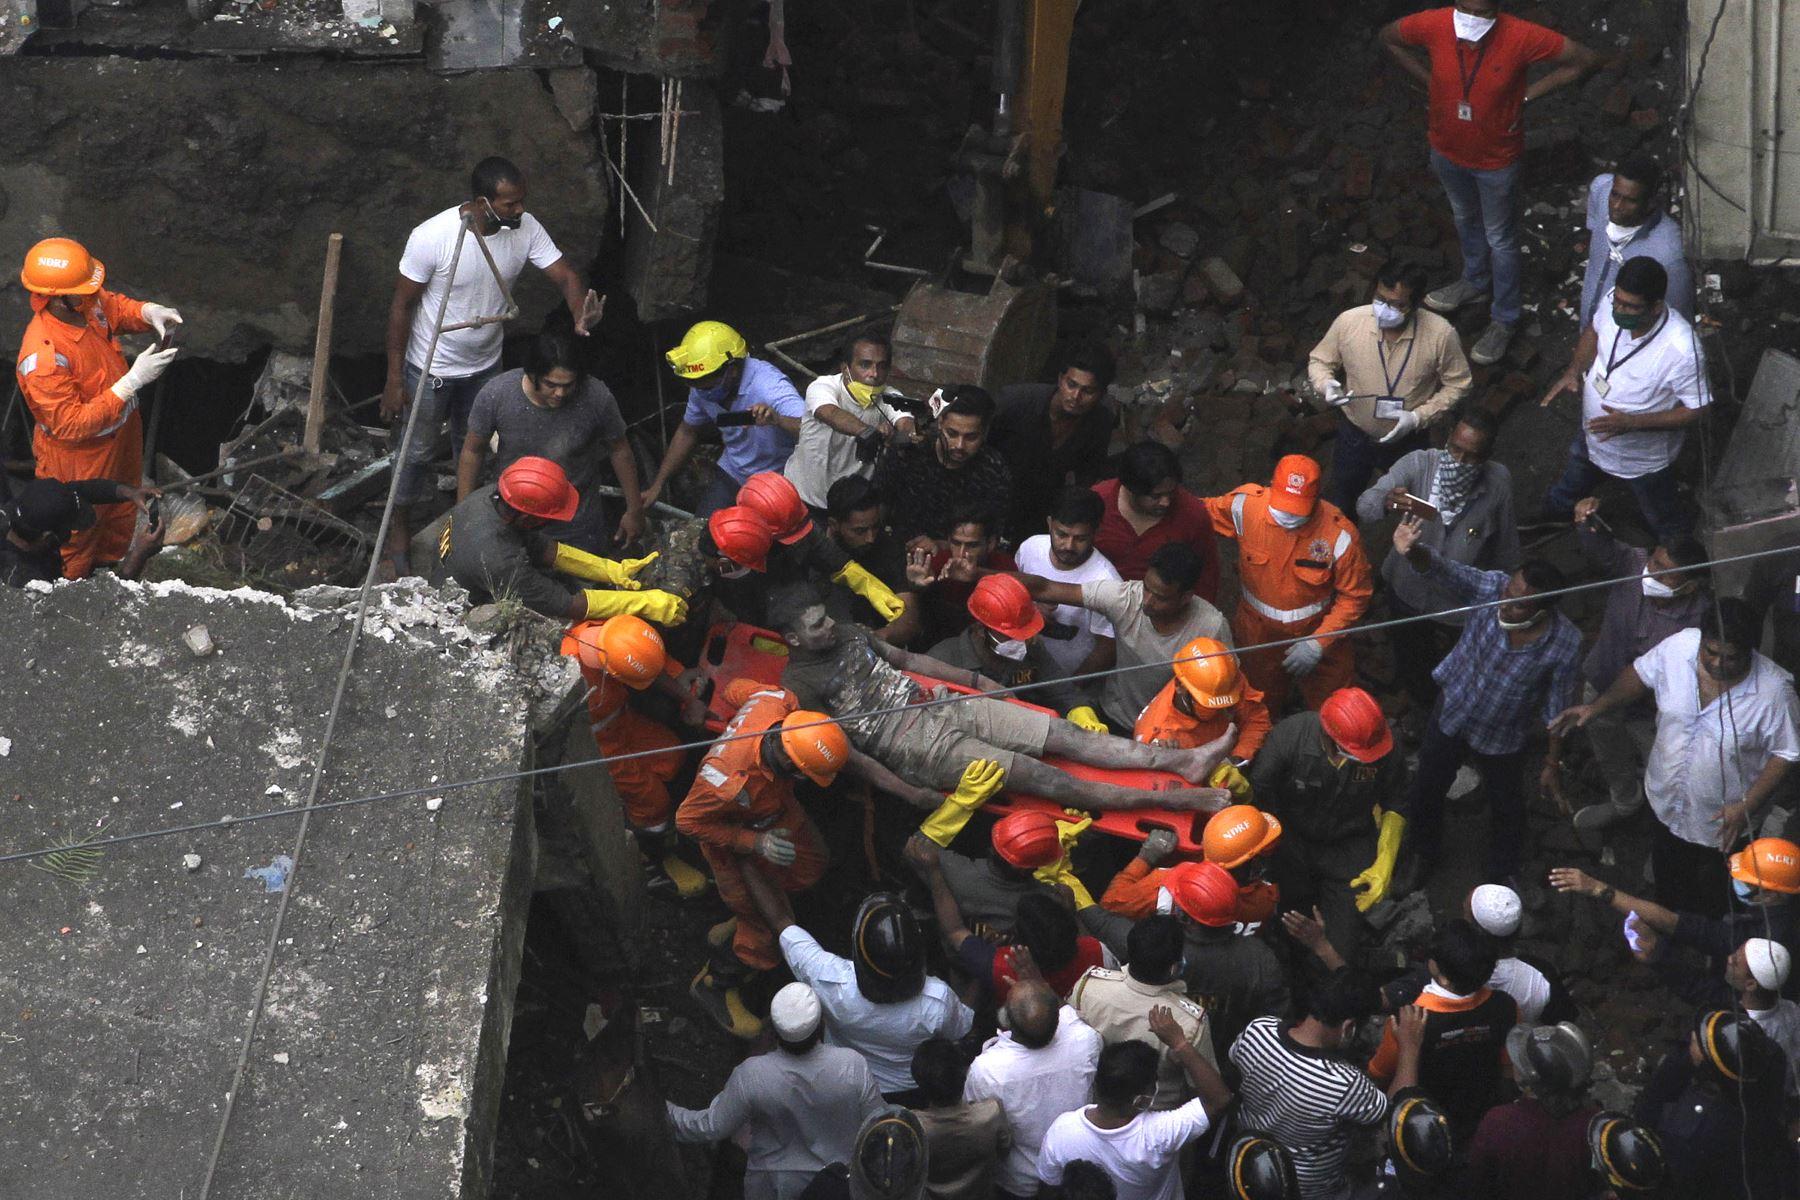 Los rescatistas trasladan a un sobreviviente de los escombros de un edificio residencial de tres pisos colapsado, en Bhiwandi, India. Foto: AFP